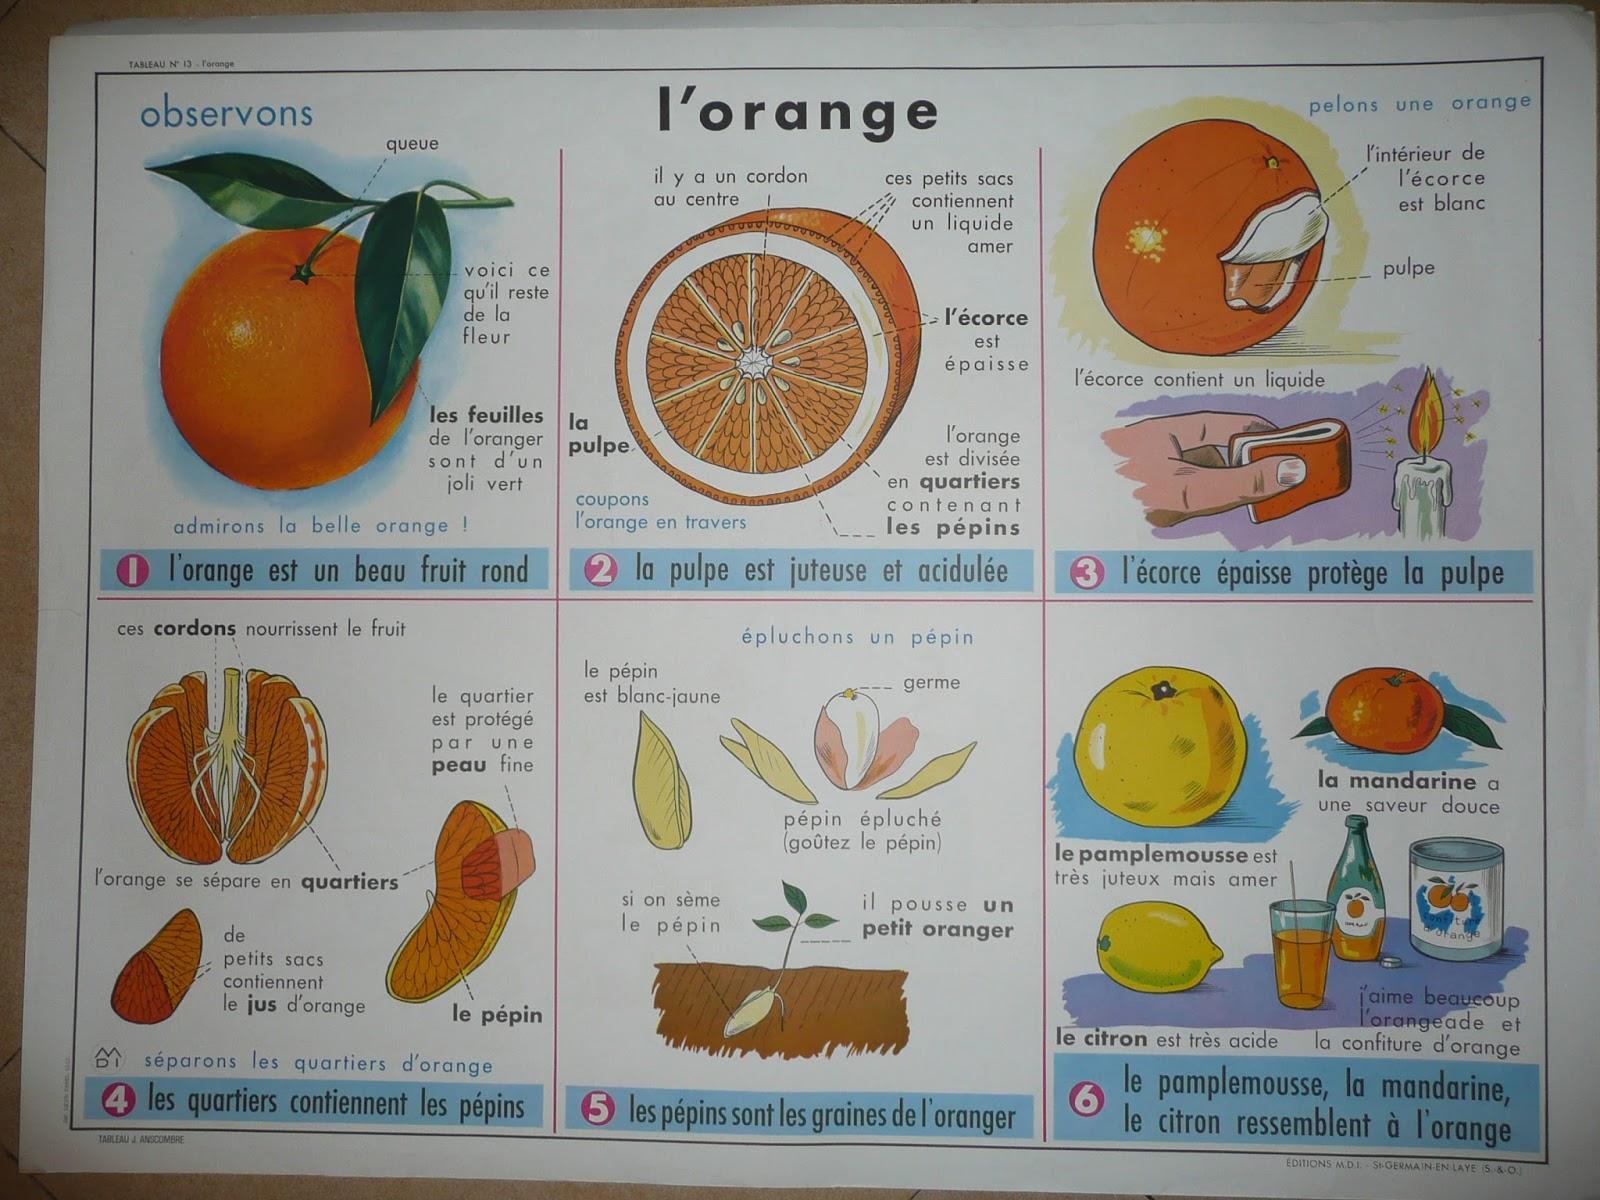 rencontres orange 84